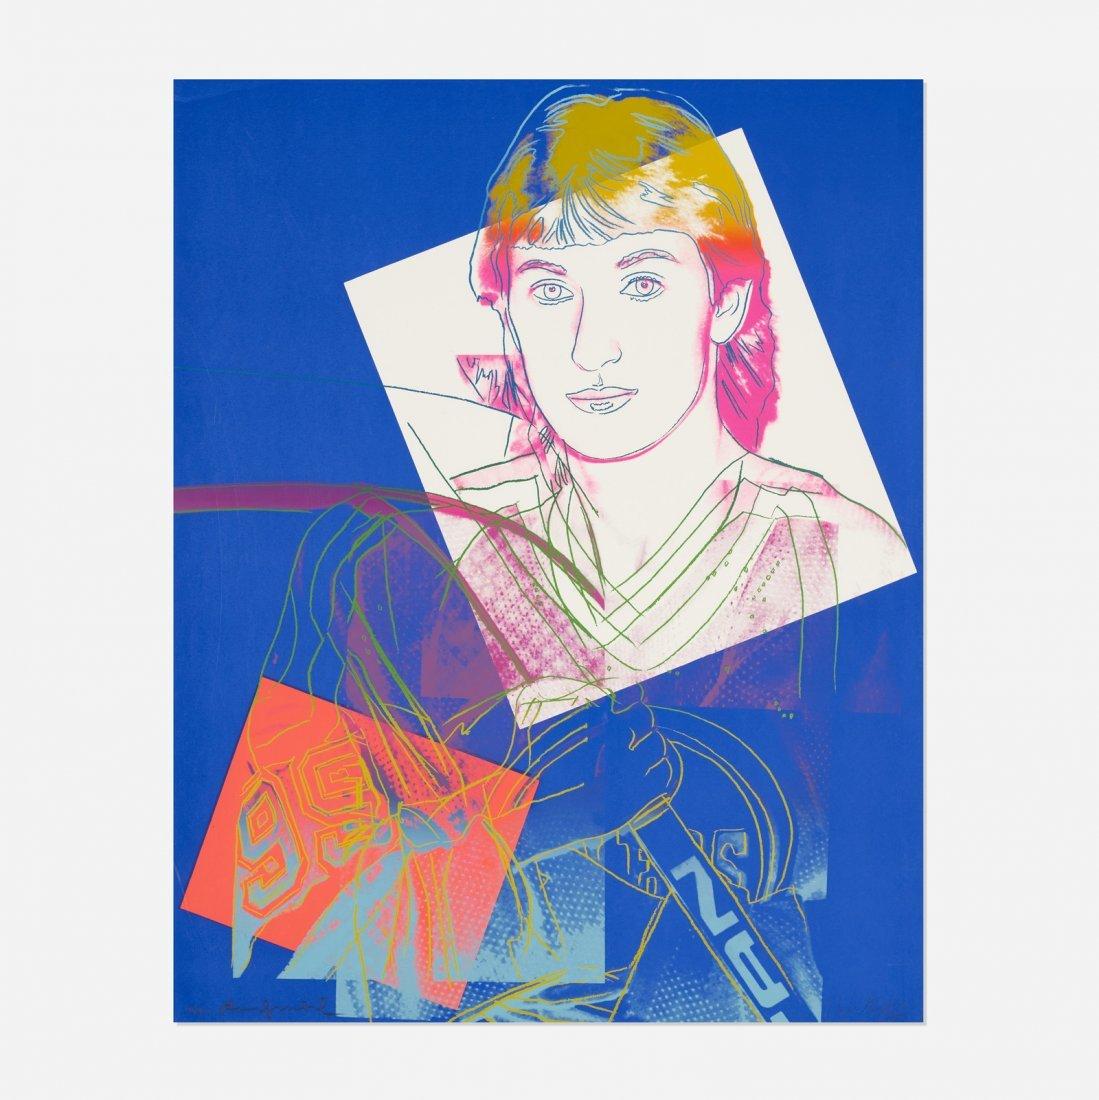 Andy Warhol, Wayne Gretzky #99